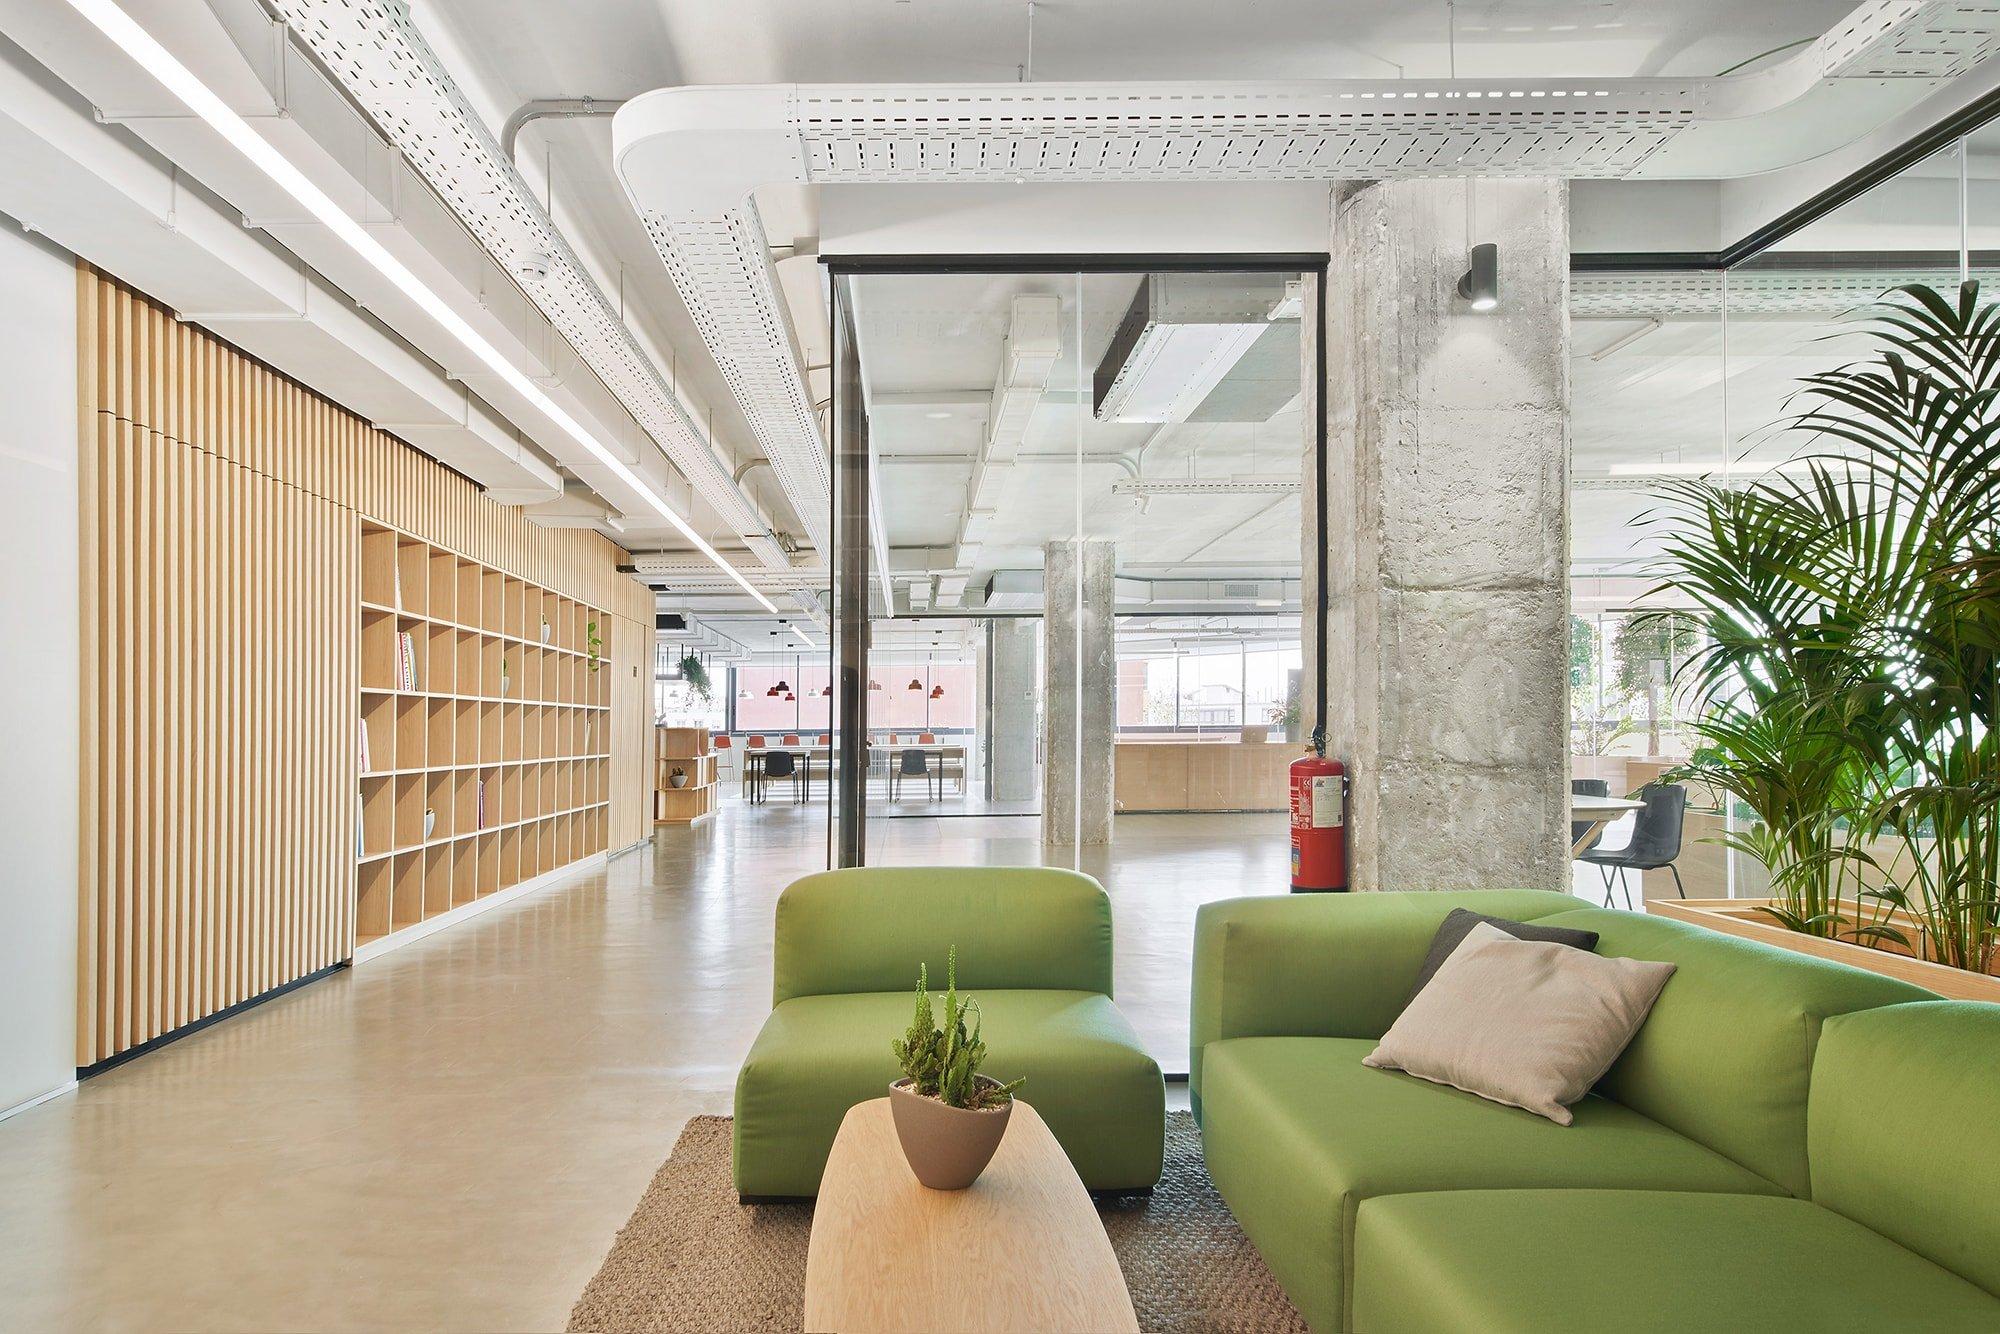 El Startup Hub se sitúa en la cuarta planta del edificio Pere IV de la calle Pujades, en el barrio del Poblenou de Barcelona.